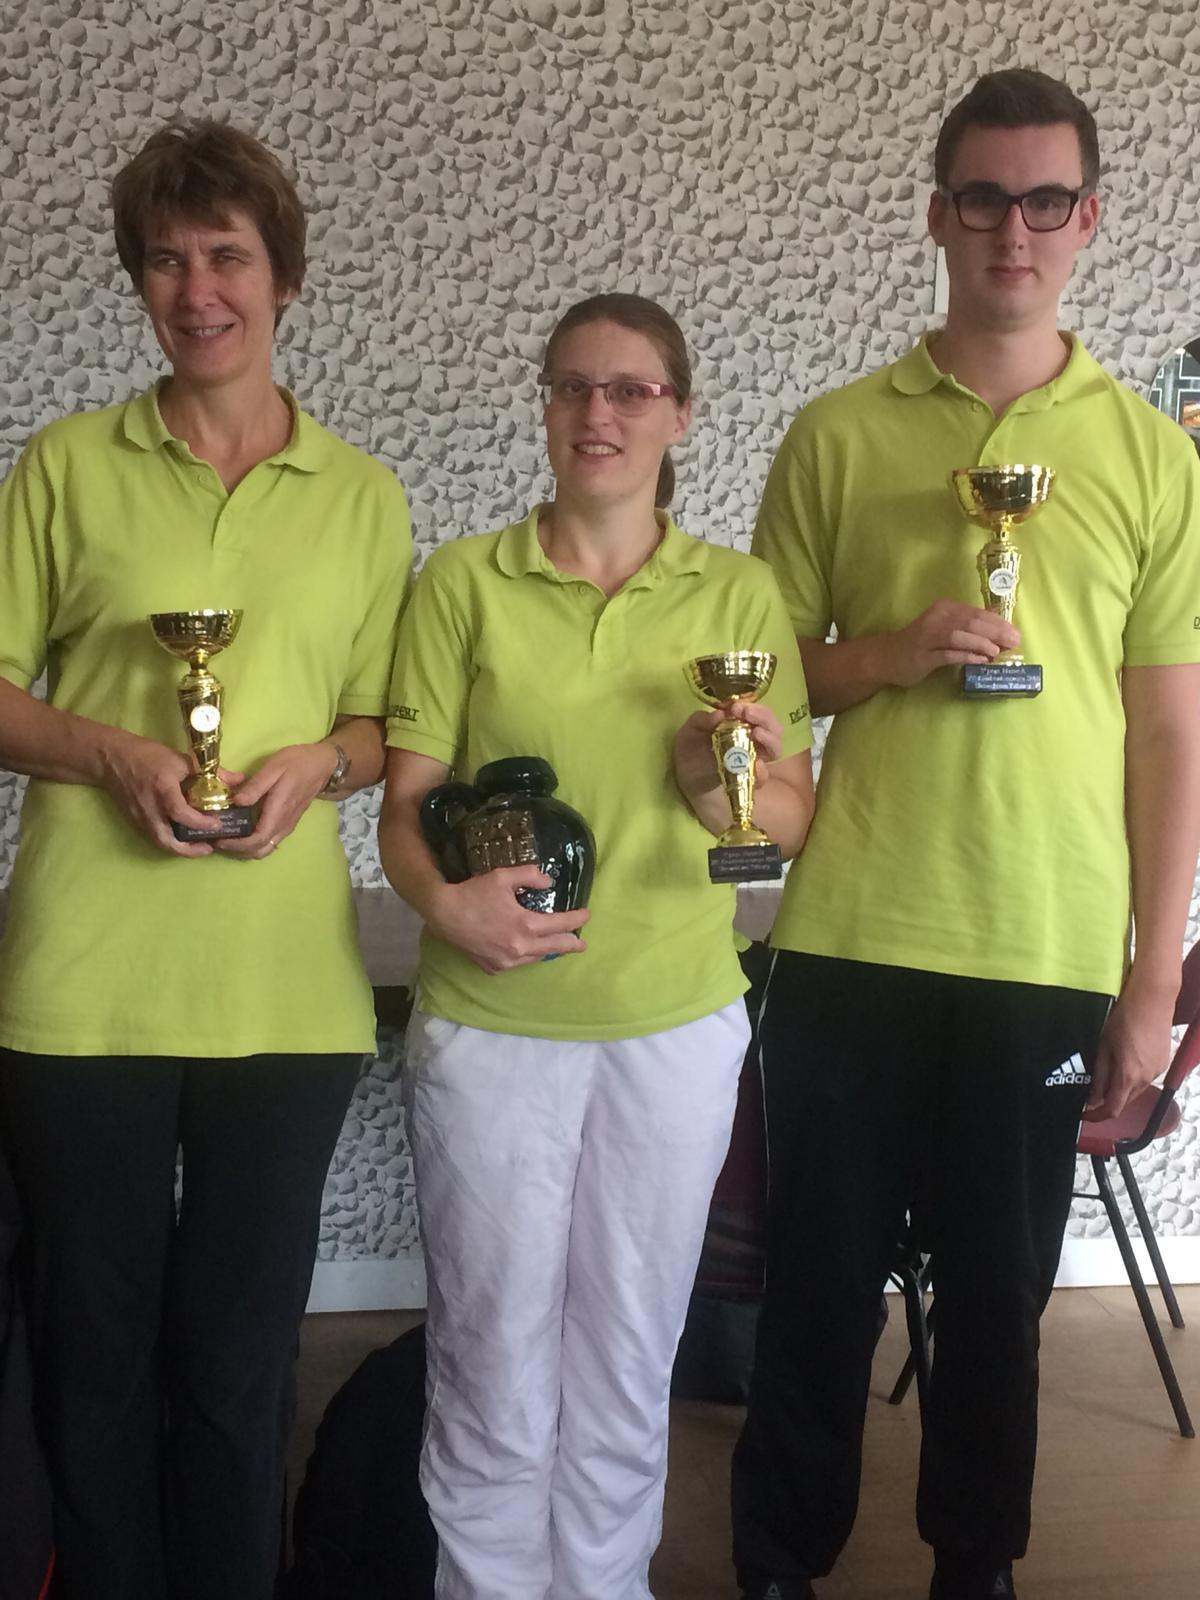 De prijswinnaars, Joke, Maaike en Twan